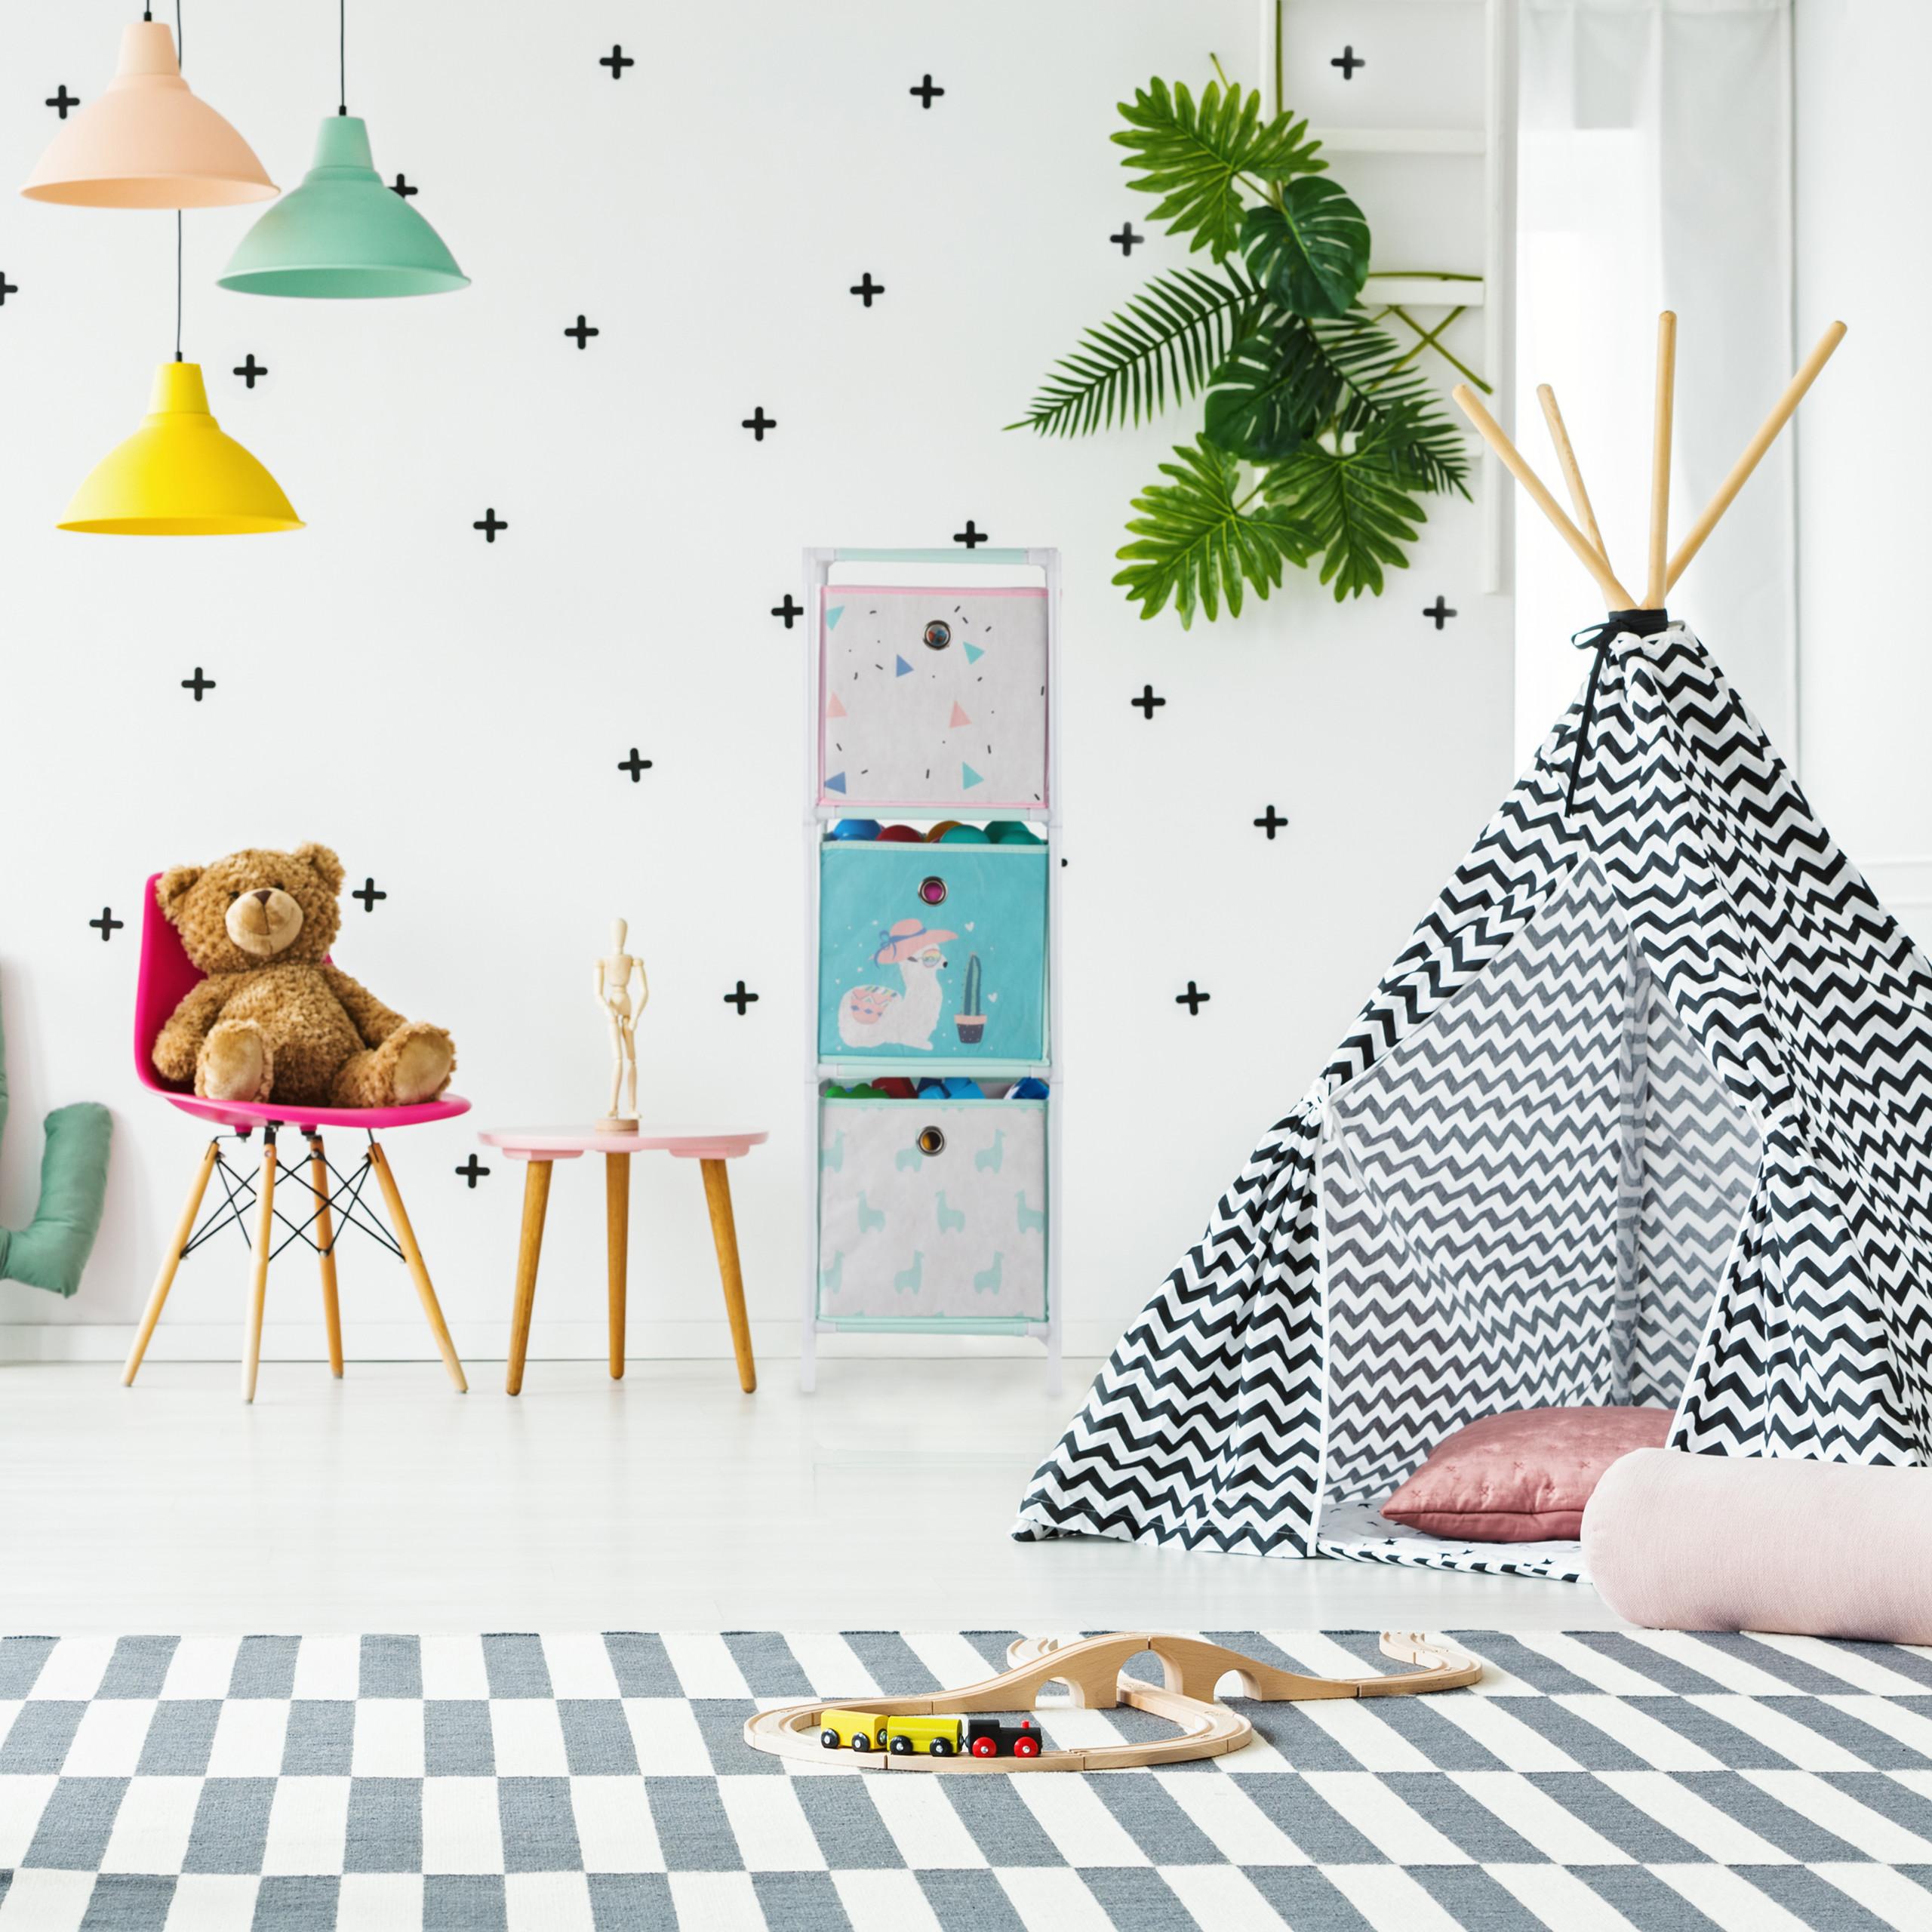 Full Size of Kinderzimmer Aufbewahrung Ideen Ikea Aufbewahrungskorb Spielzeug Aufbewahrungssystem Mint Sofa Regal Aufbewahrungsbox Garten Aufbewahrungsbehälter Küche Kinderzimmer Kinderzimmer Aufbewahrung